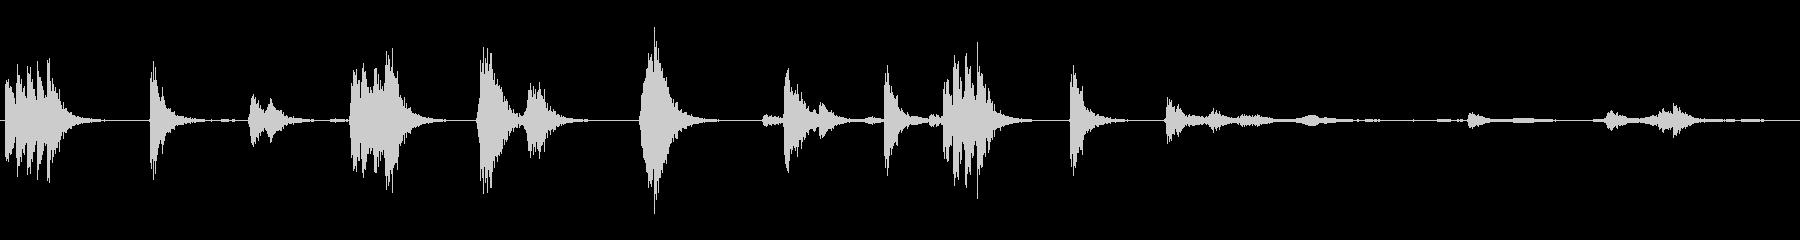 PAシステムマイク:スクレイプ、ヒ...の未再生の波形